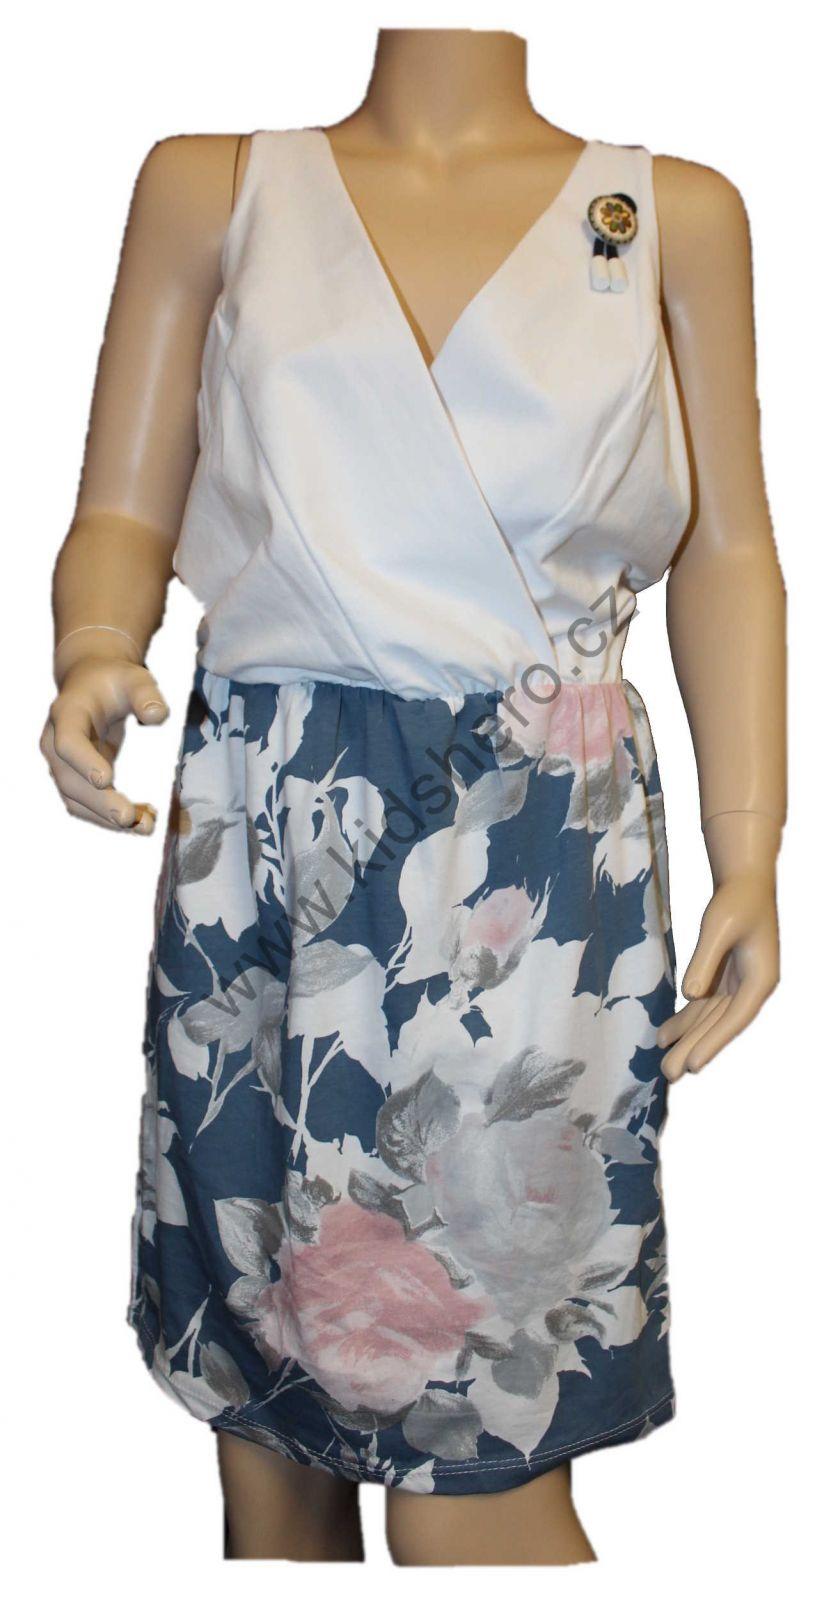 Dámské šaty modro-bílé dívčí šaty květované šaty